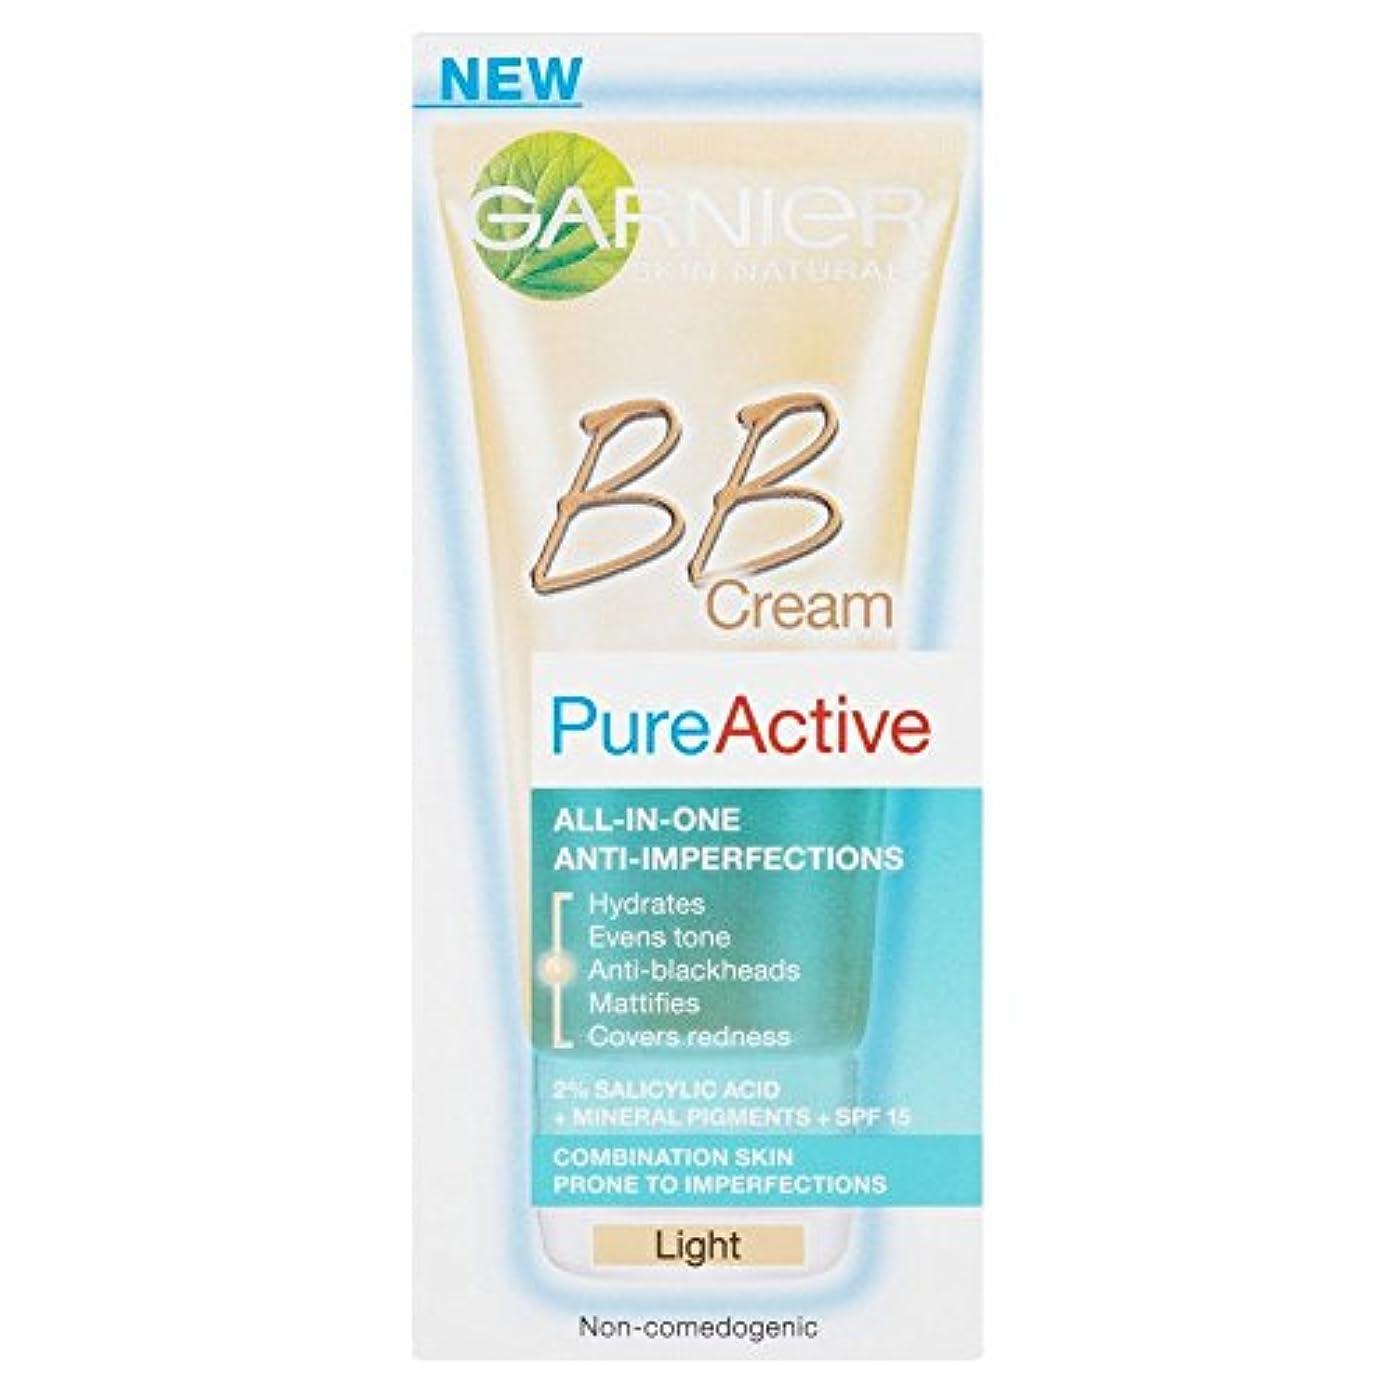 前部み平野Garnier Pure Active BB Cream - Light (50ml) ガルニエ純粋な活性bbクリーム - 光( 50ミリリットル) [並行輸入品]